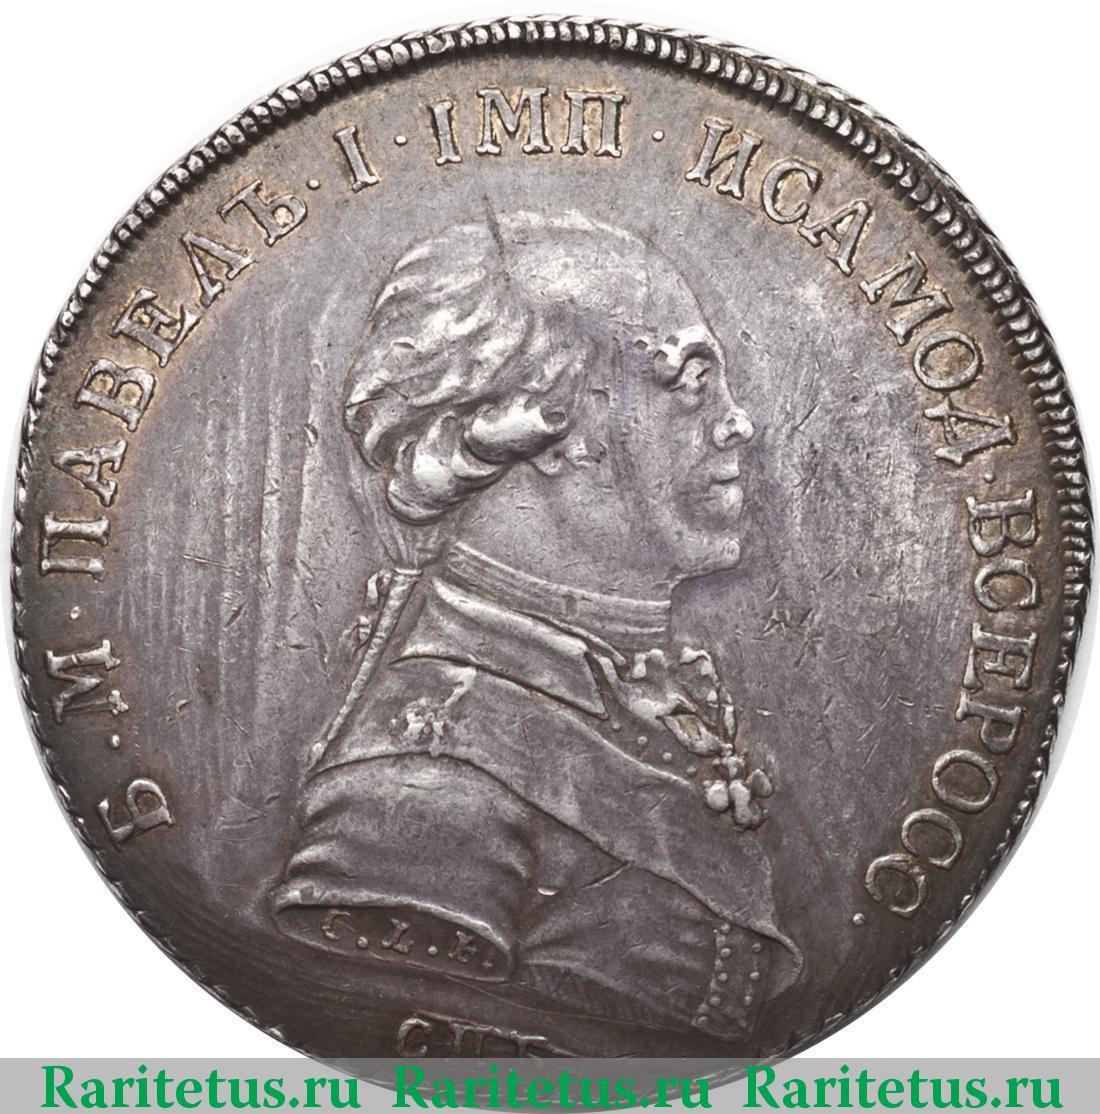 Стоимость монеты 1796 сплав российских монет